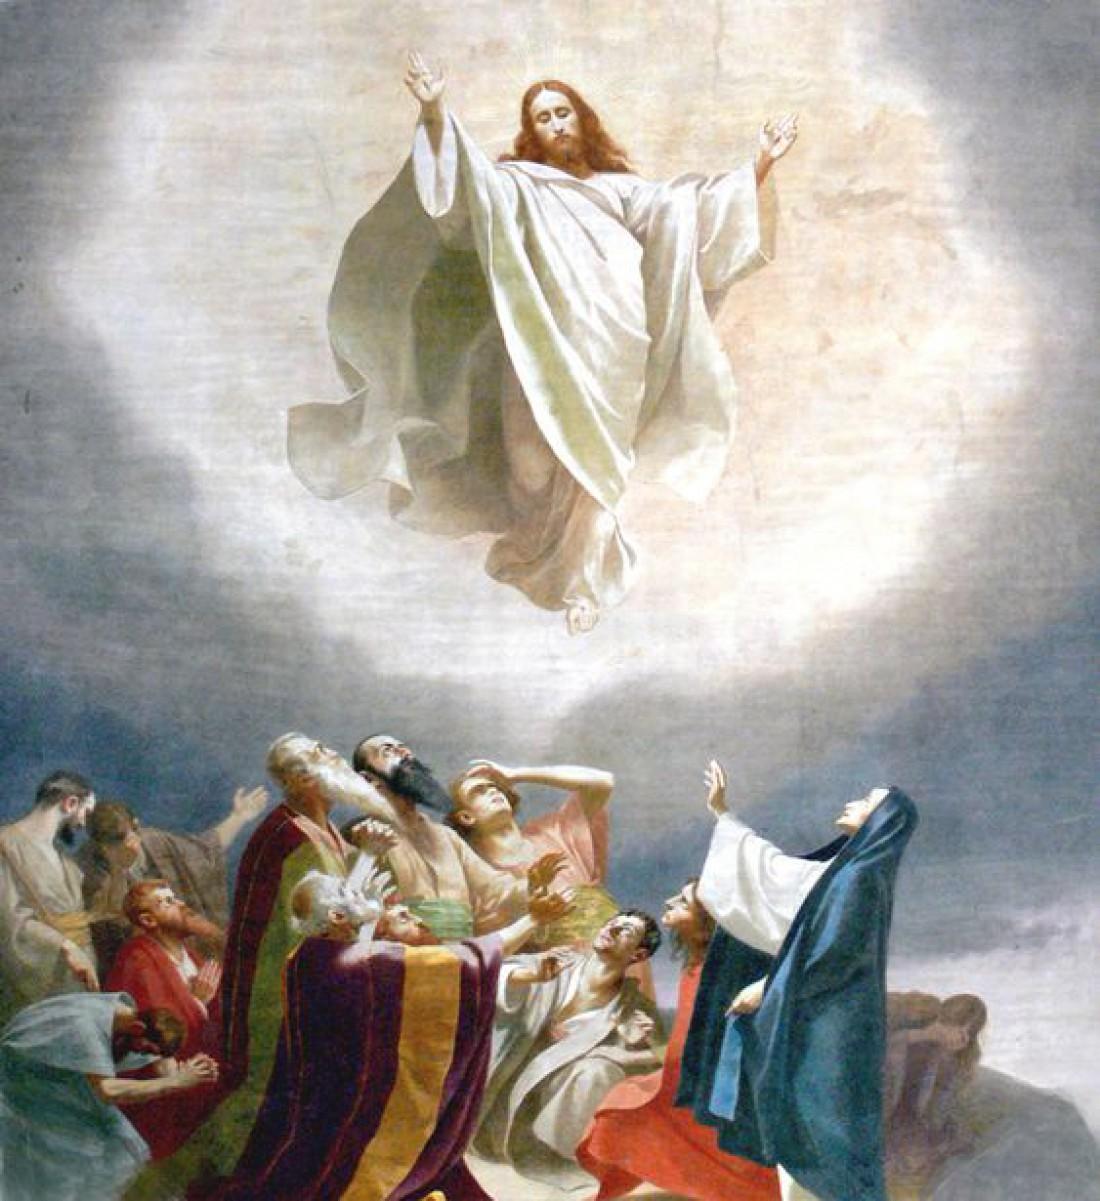 Вознесение Господне 2020: Поздравления в стихах и открытках